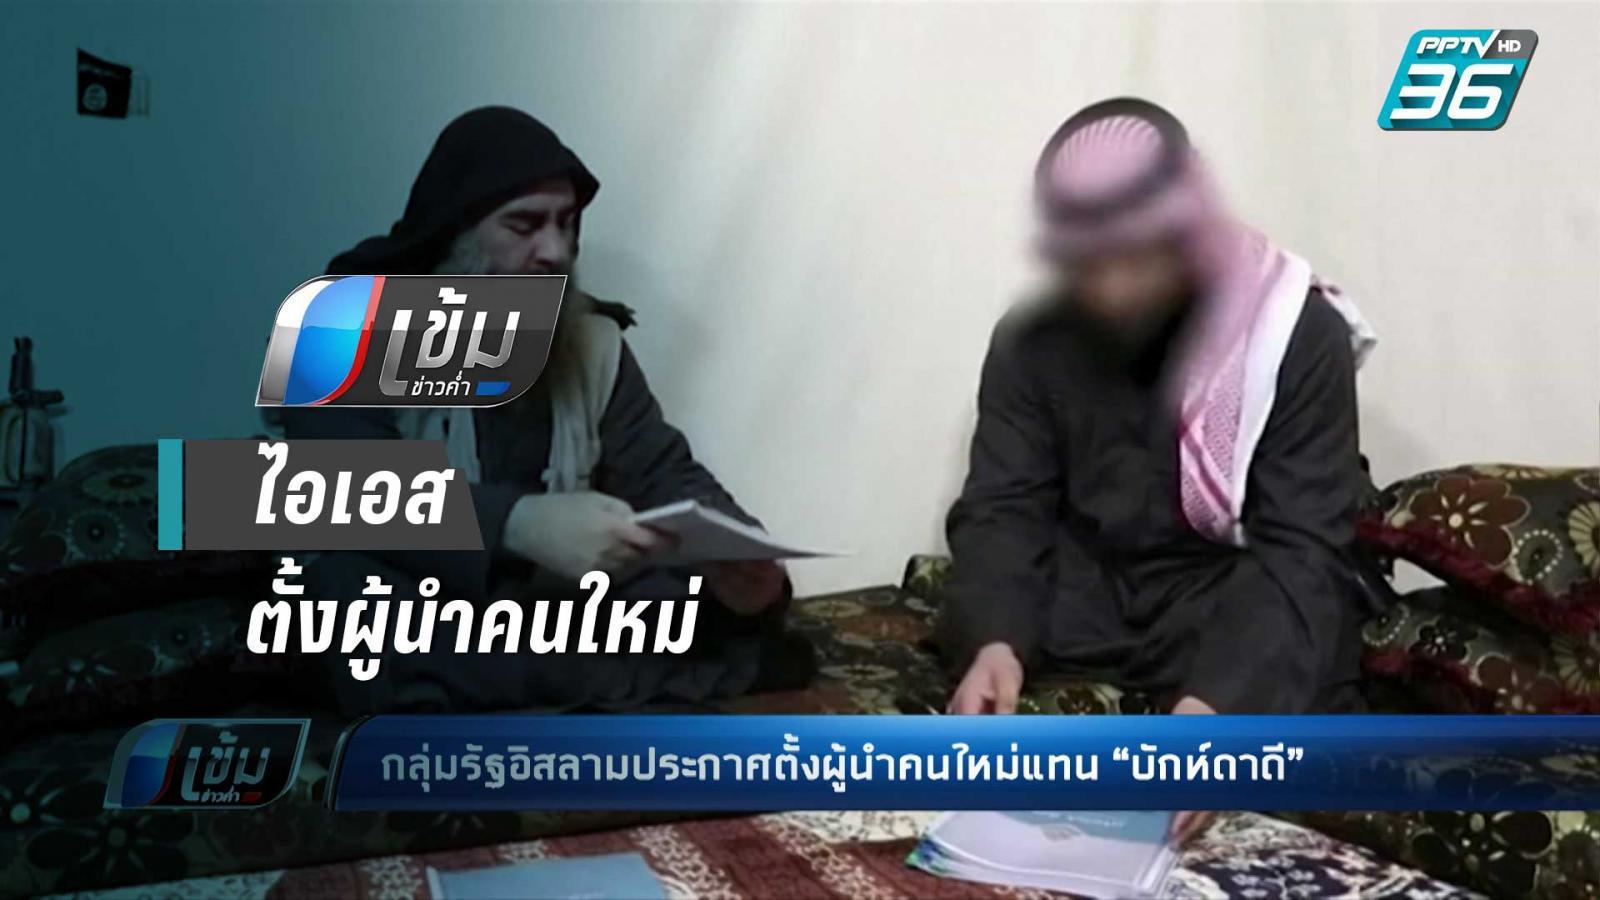 """กลุ่มรัฐอิสลามประกาศตั้งผู้นำคนใหม่แทน """"บักห์ดาดี"""""""